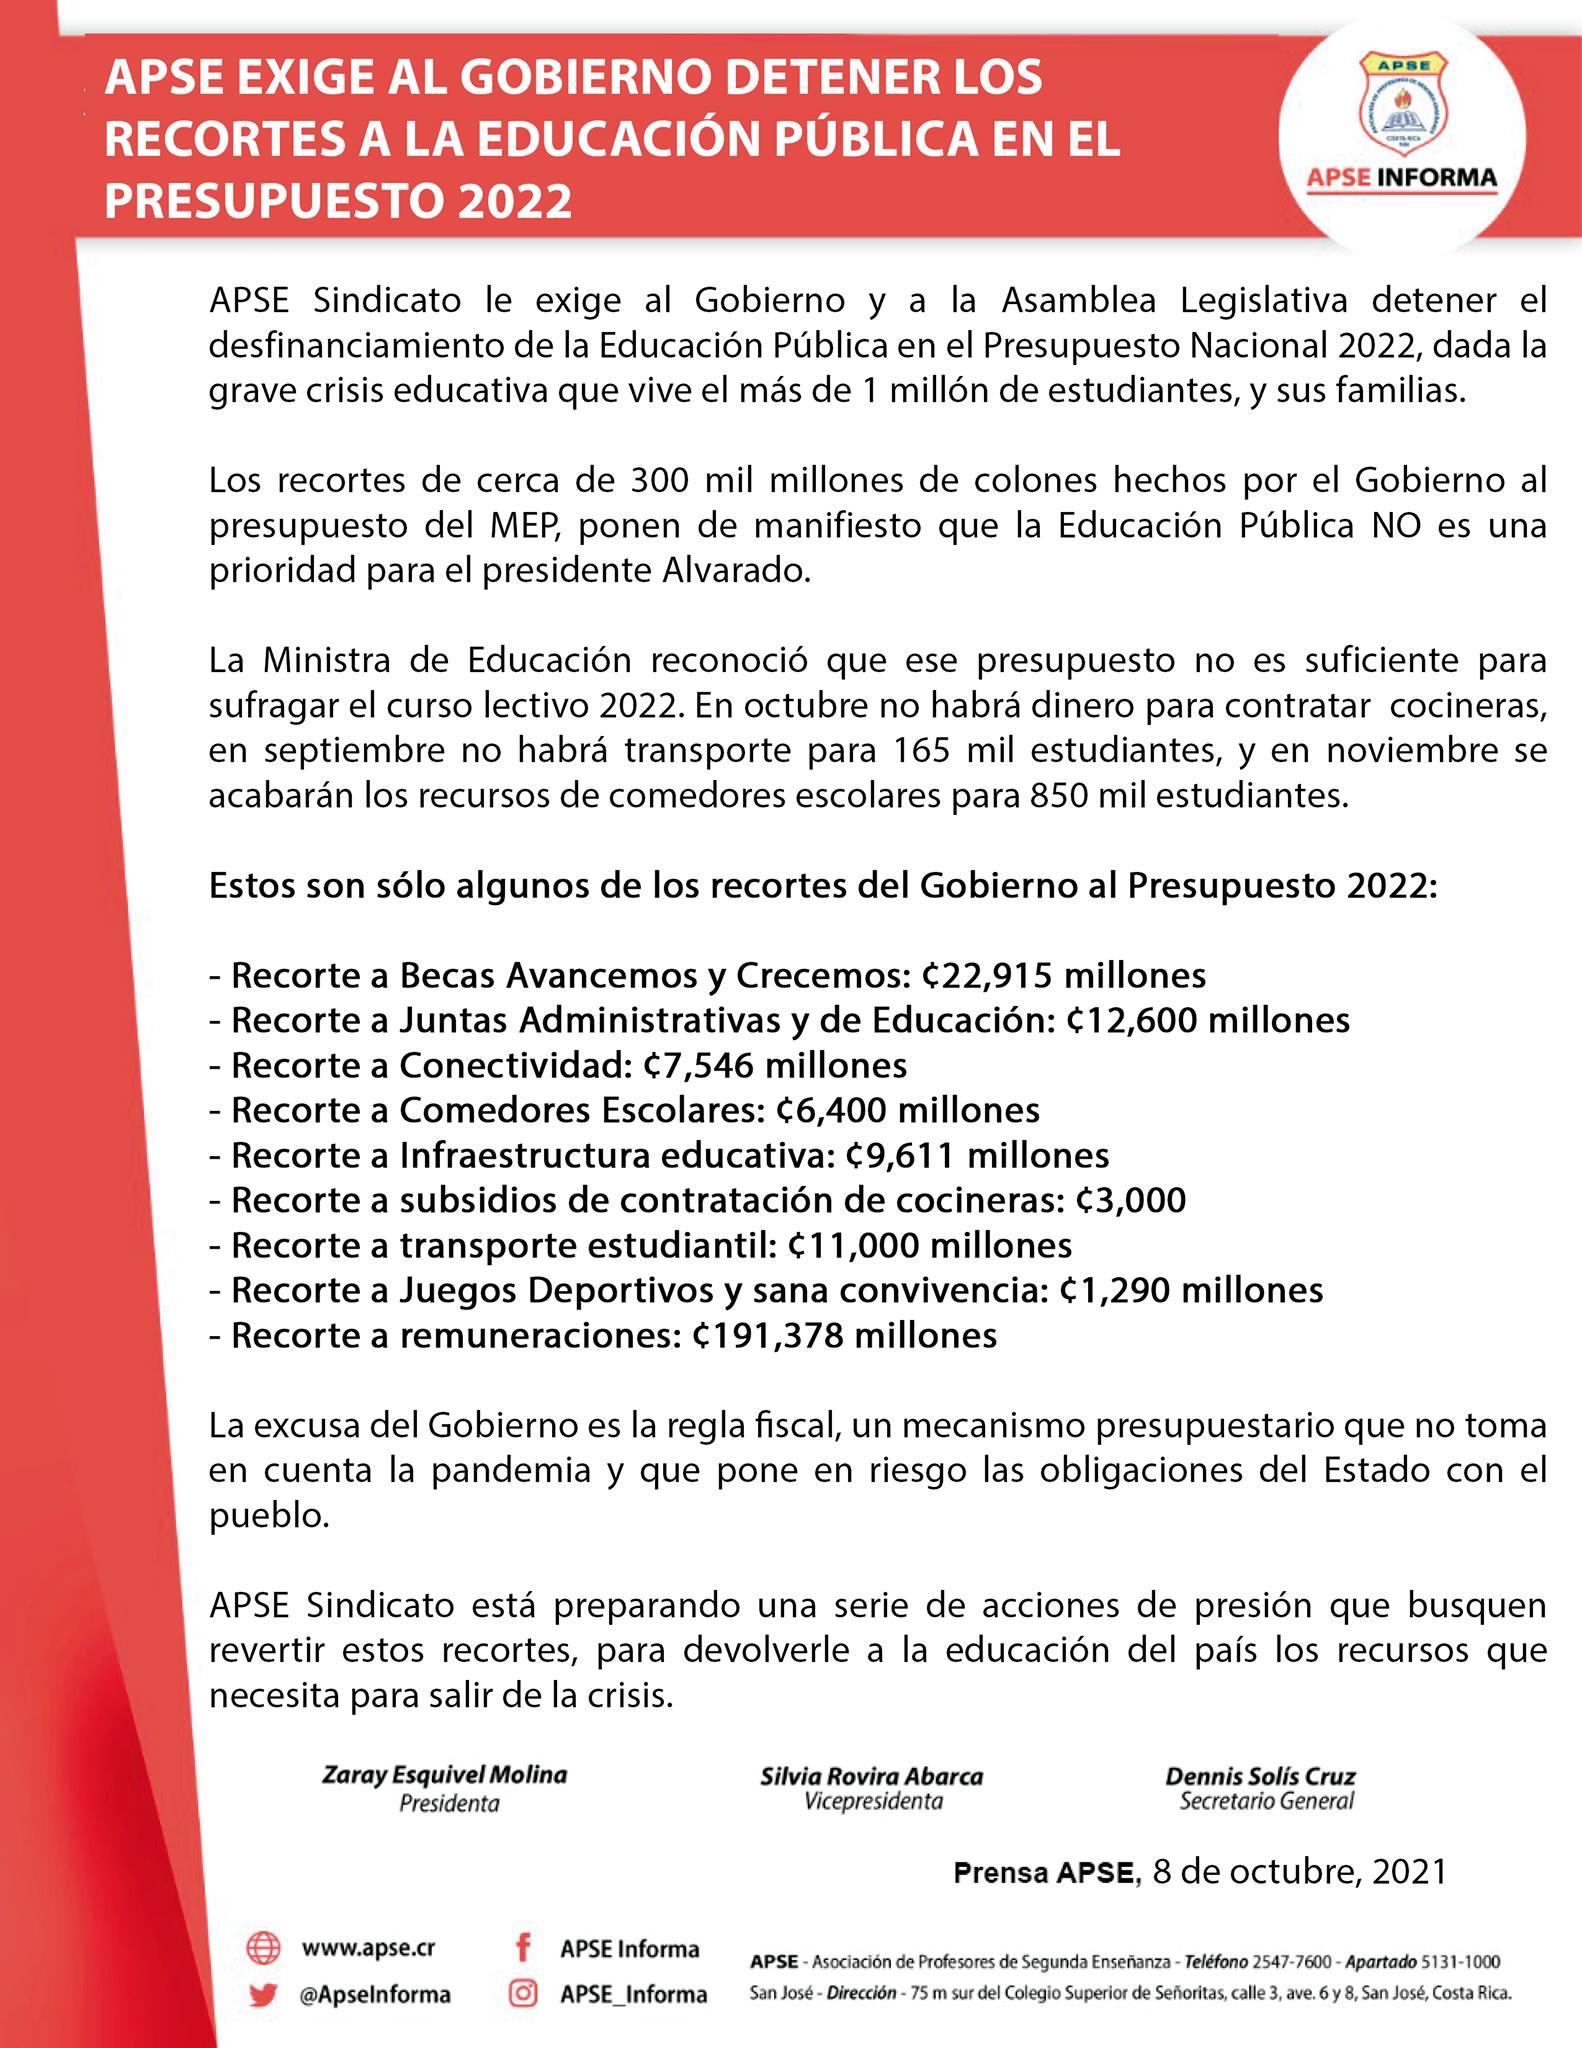 APSE EXIGE AL GOBIERNO DETENER LOS RECORTES A LA EDUCACIÓN PÚBLICA EN EL PRESUPUESTO 2022